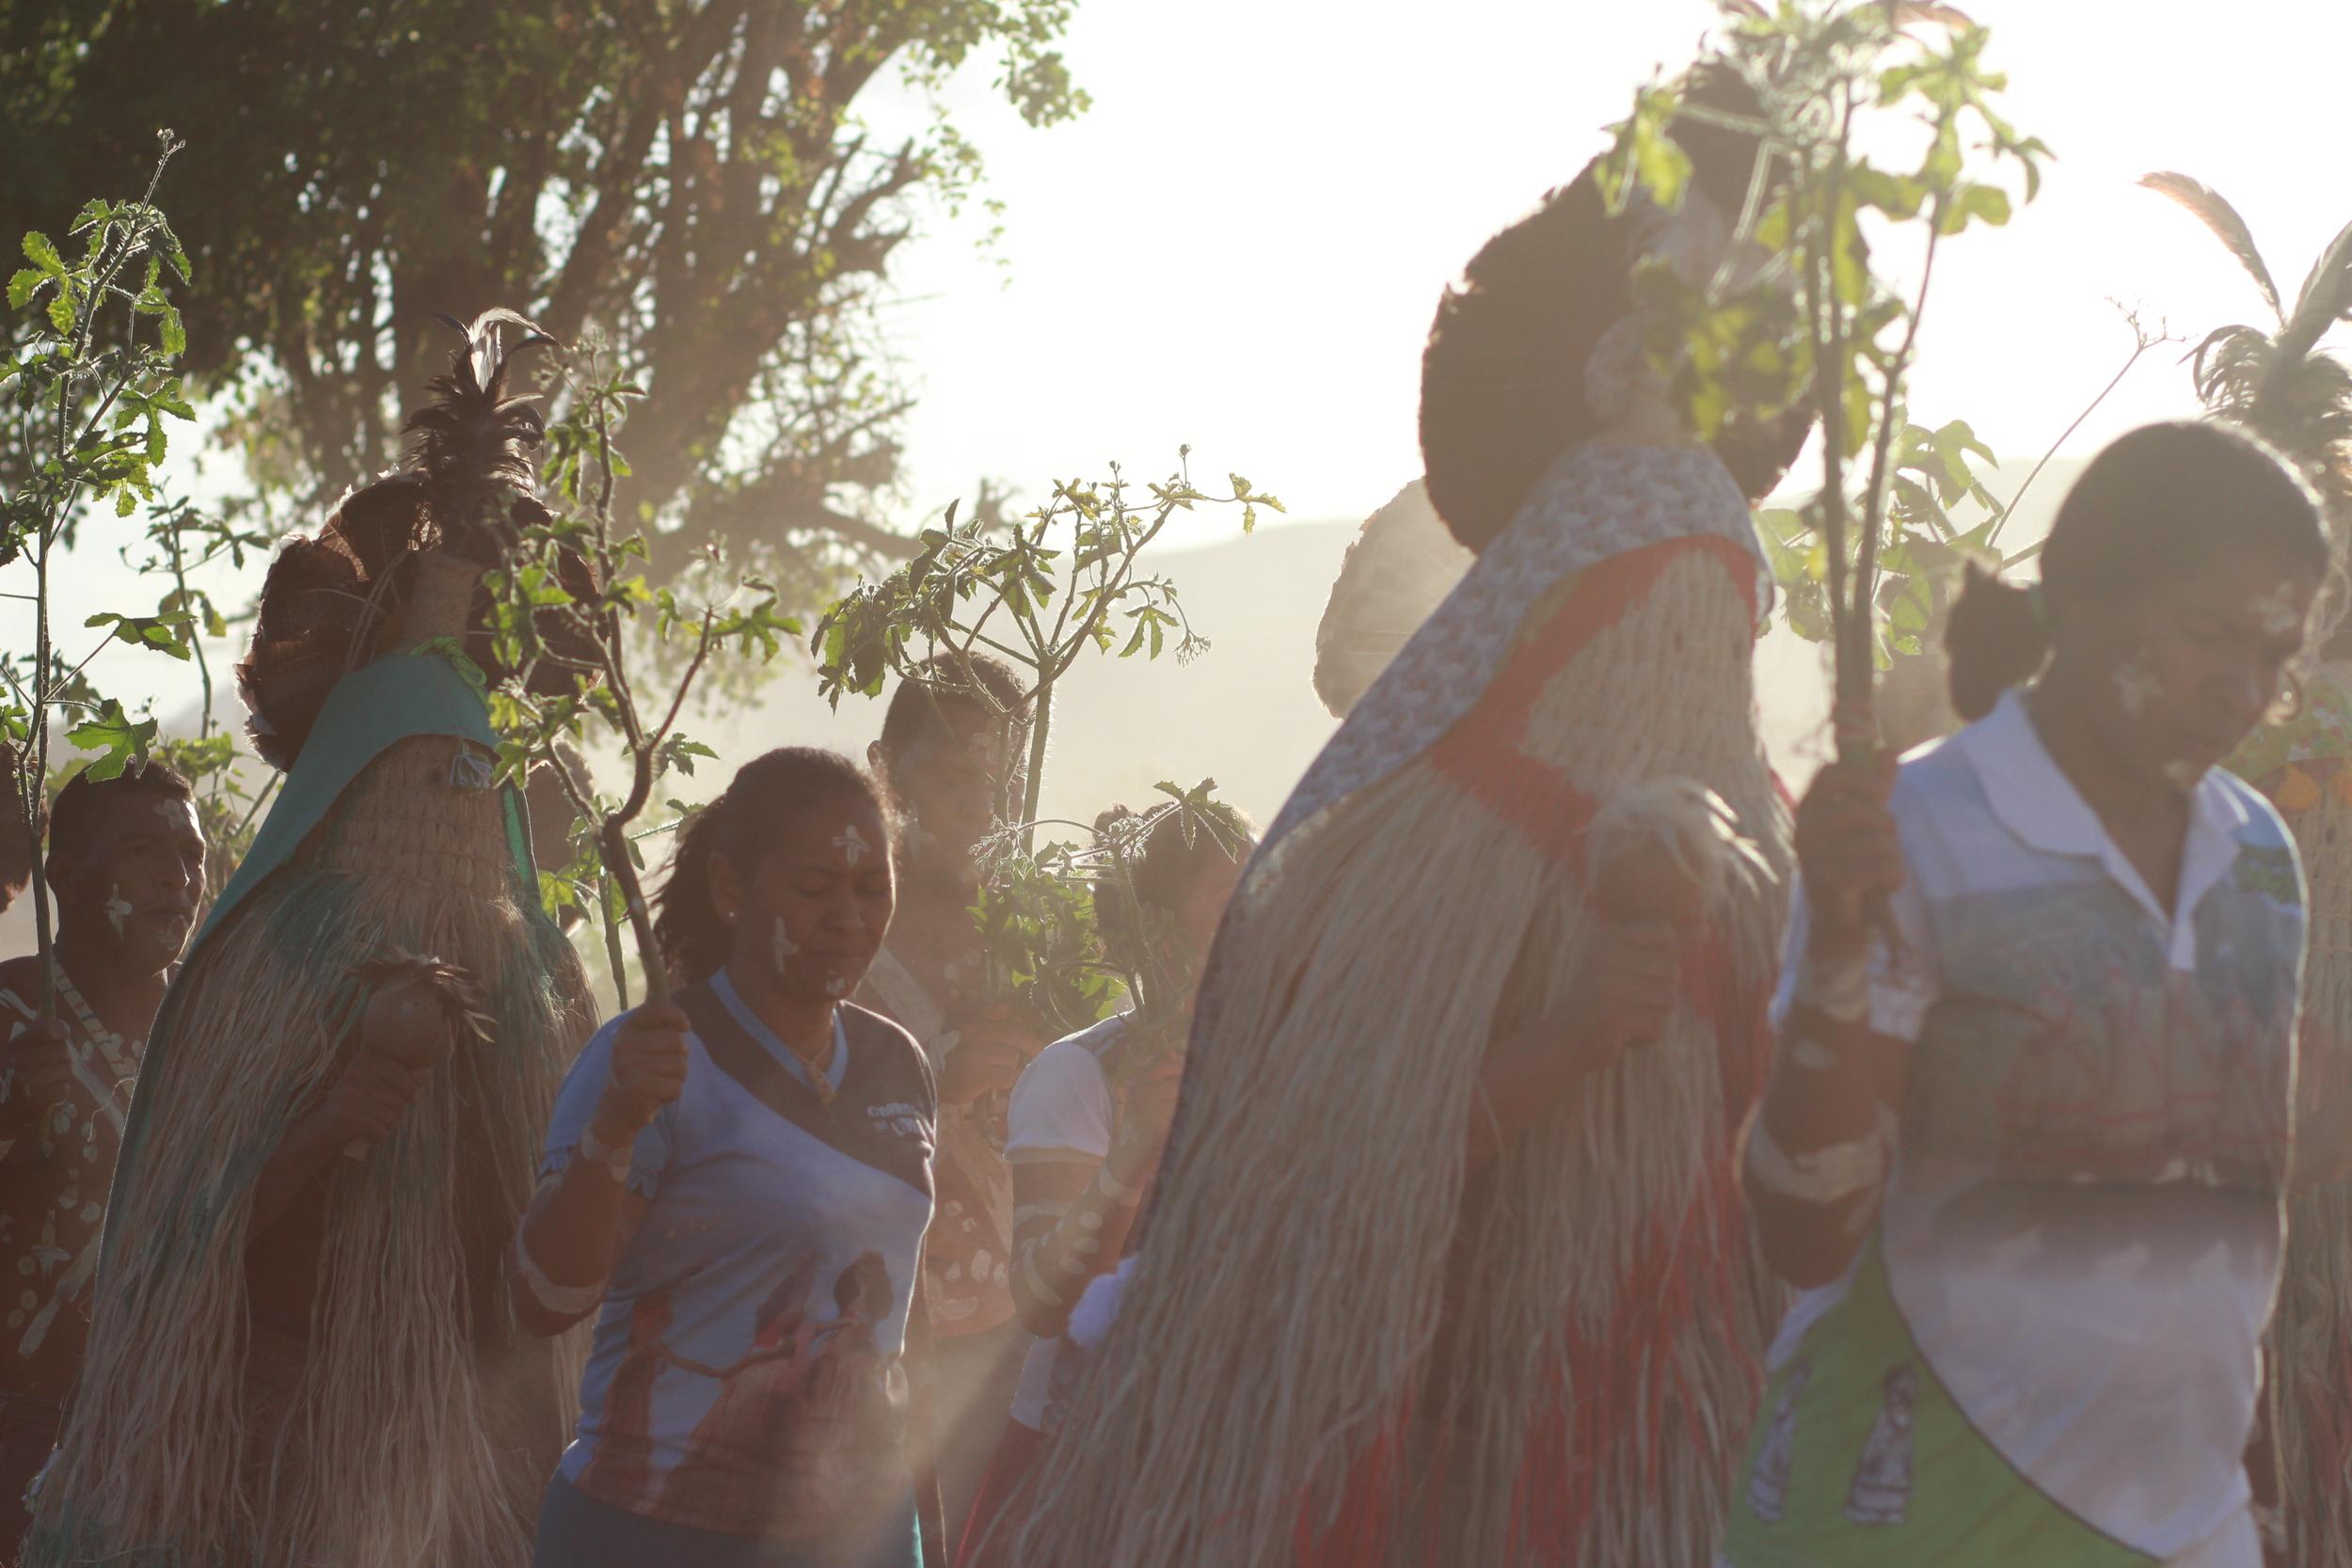 Corrida do Umbu:Ritual Pankararu que celebra o início da safra do fruto